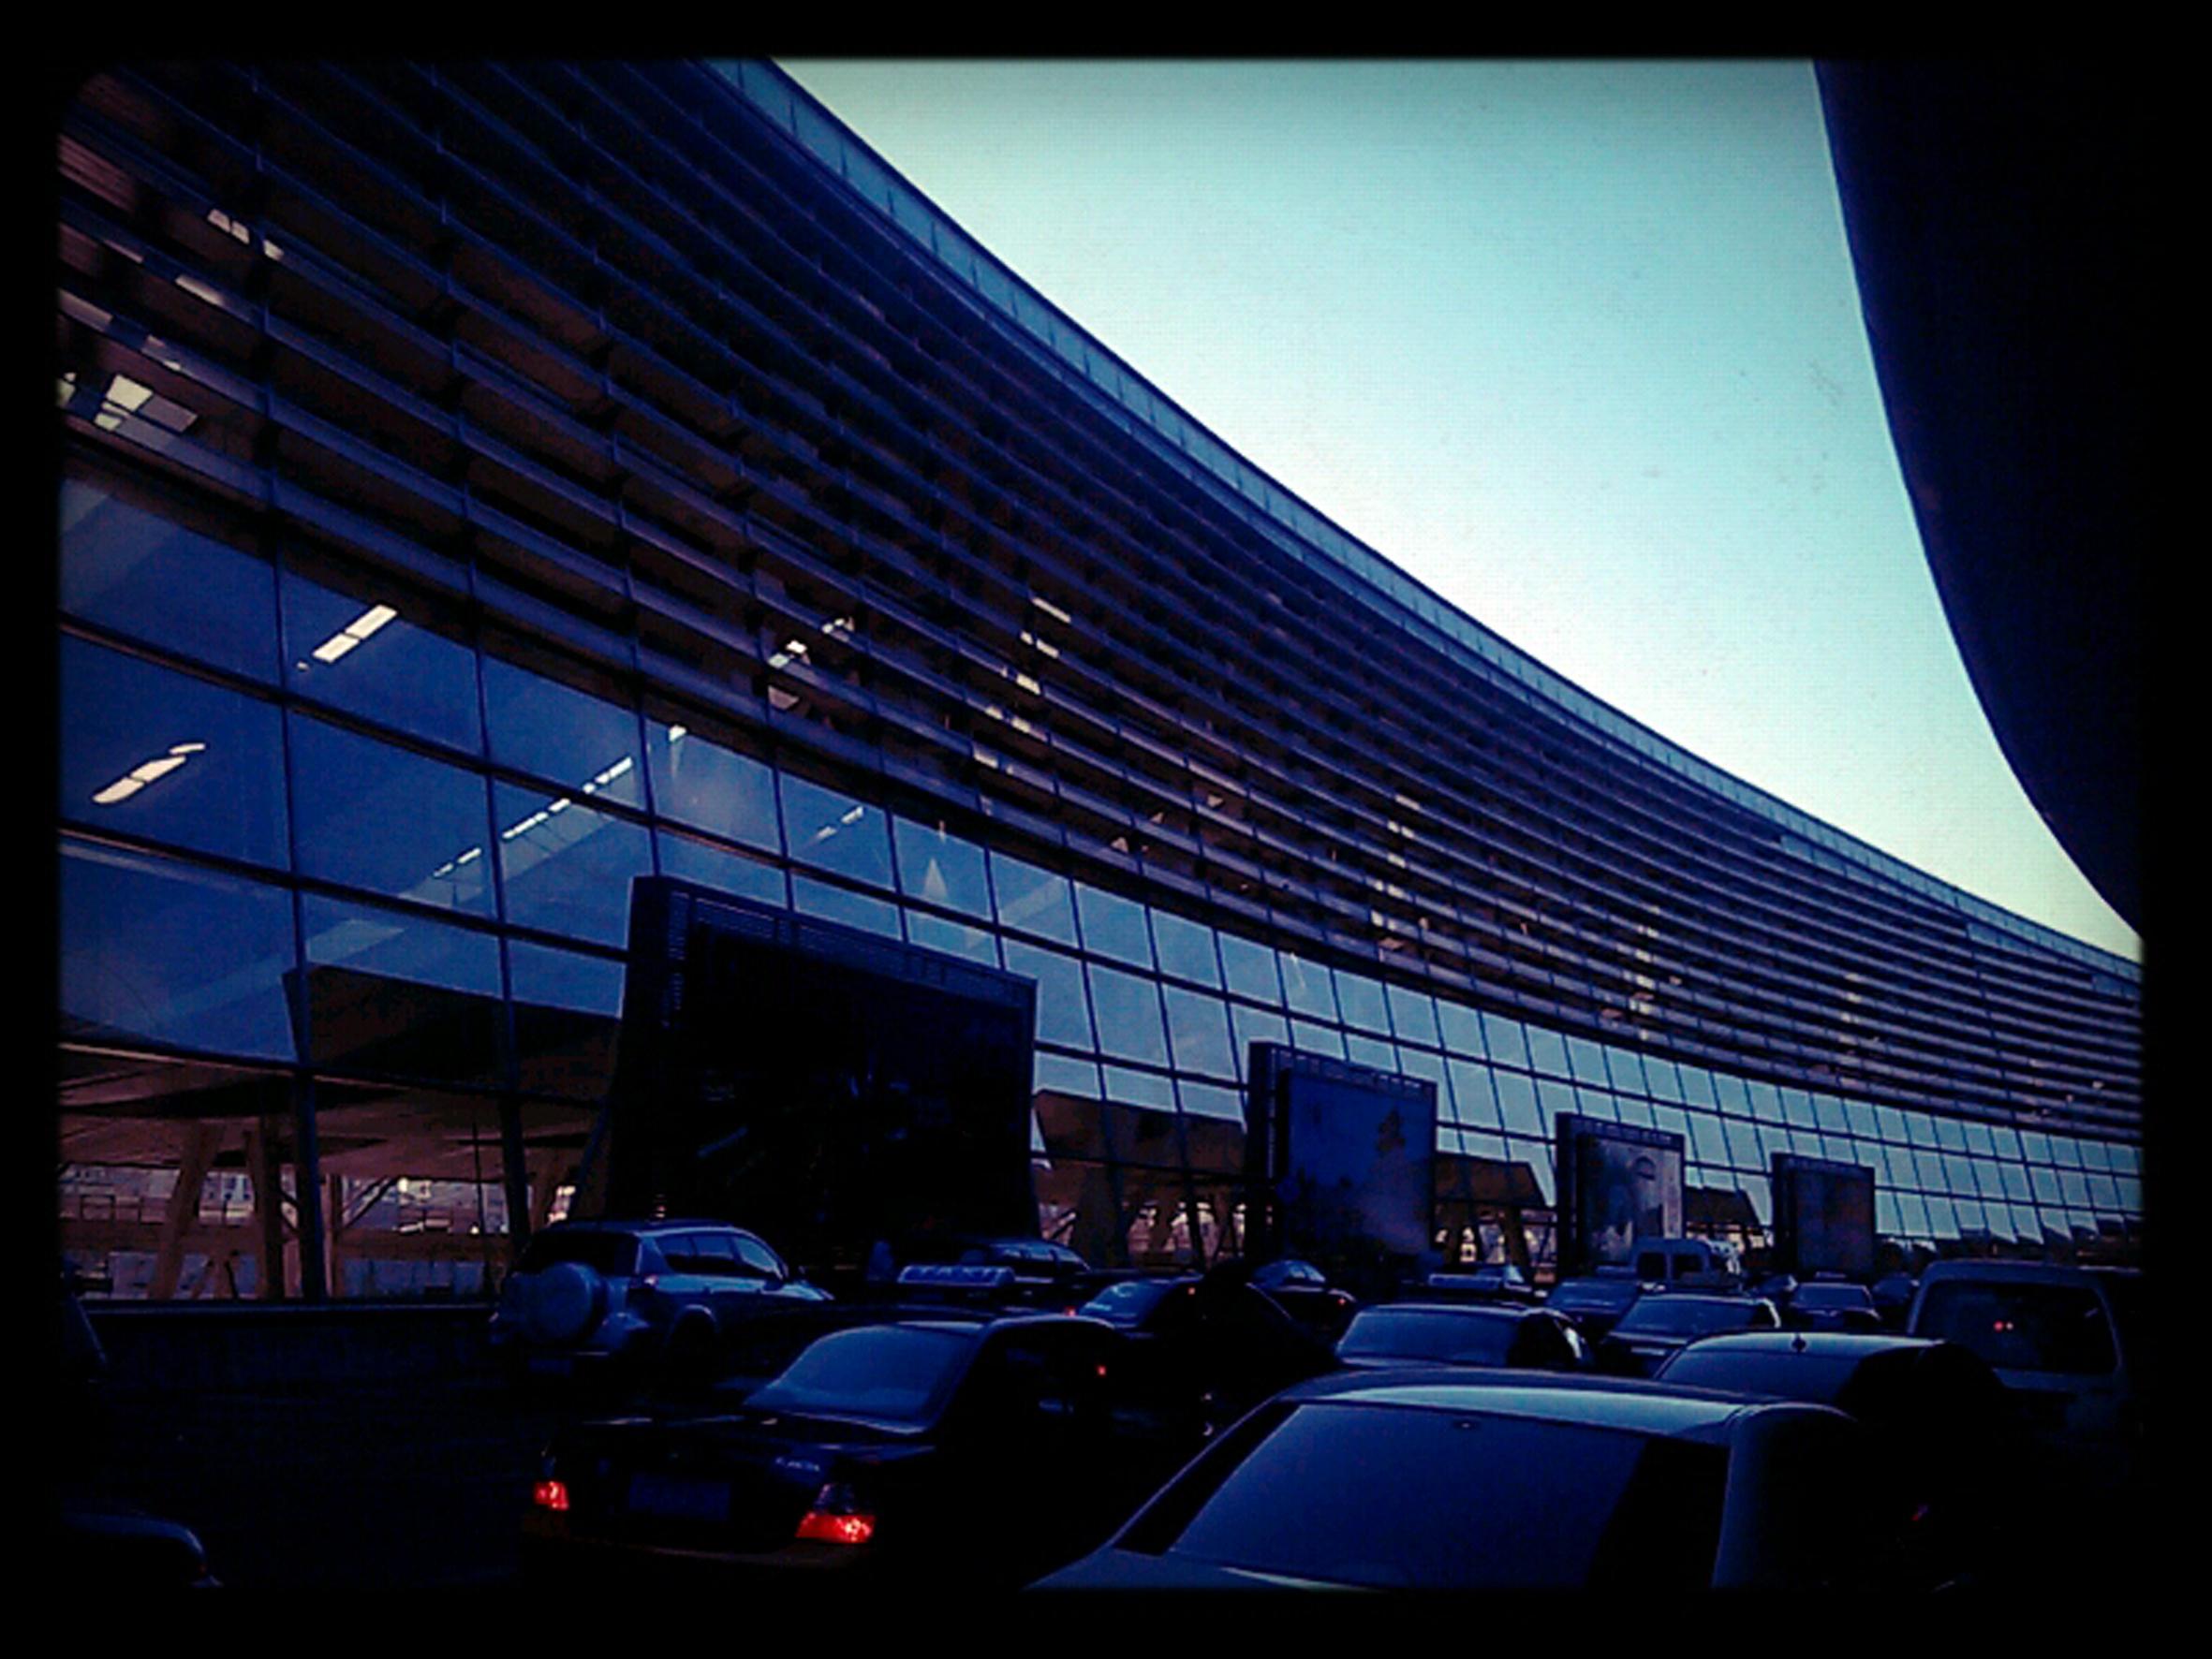 2012-09-30-L03-beijing-nanjing-station (1).jpg